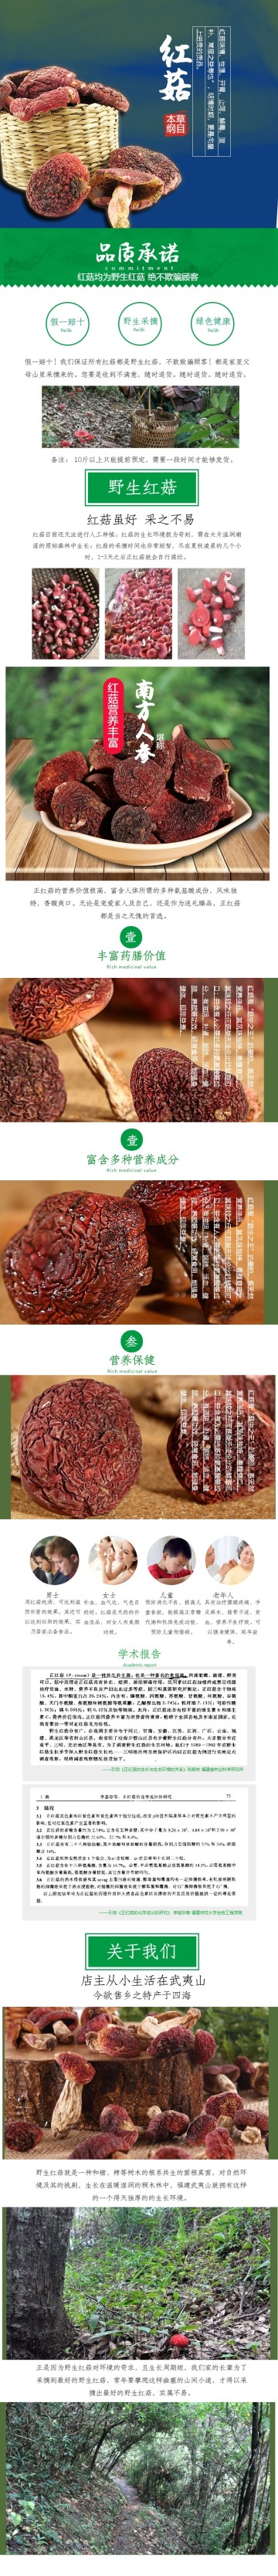 简约自然百货零售美食干货红菇促销电商详情页